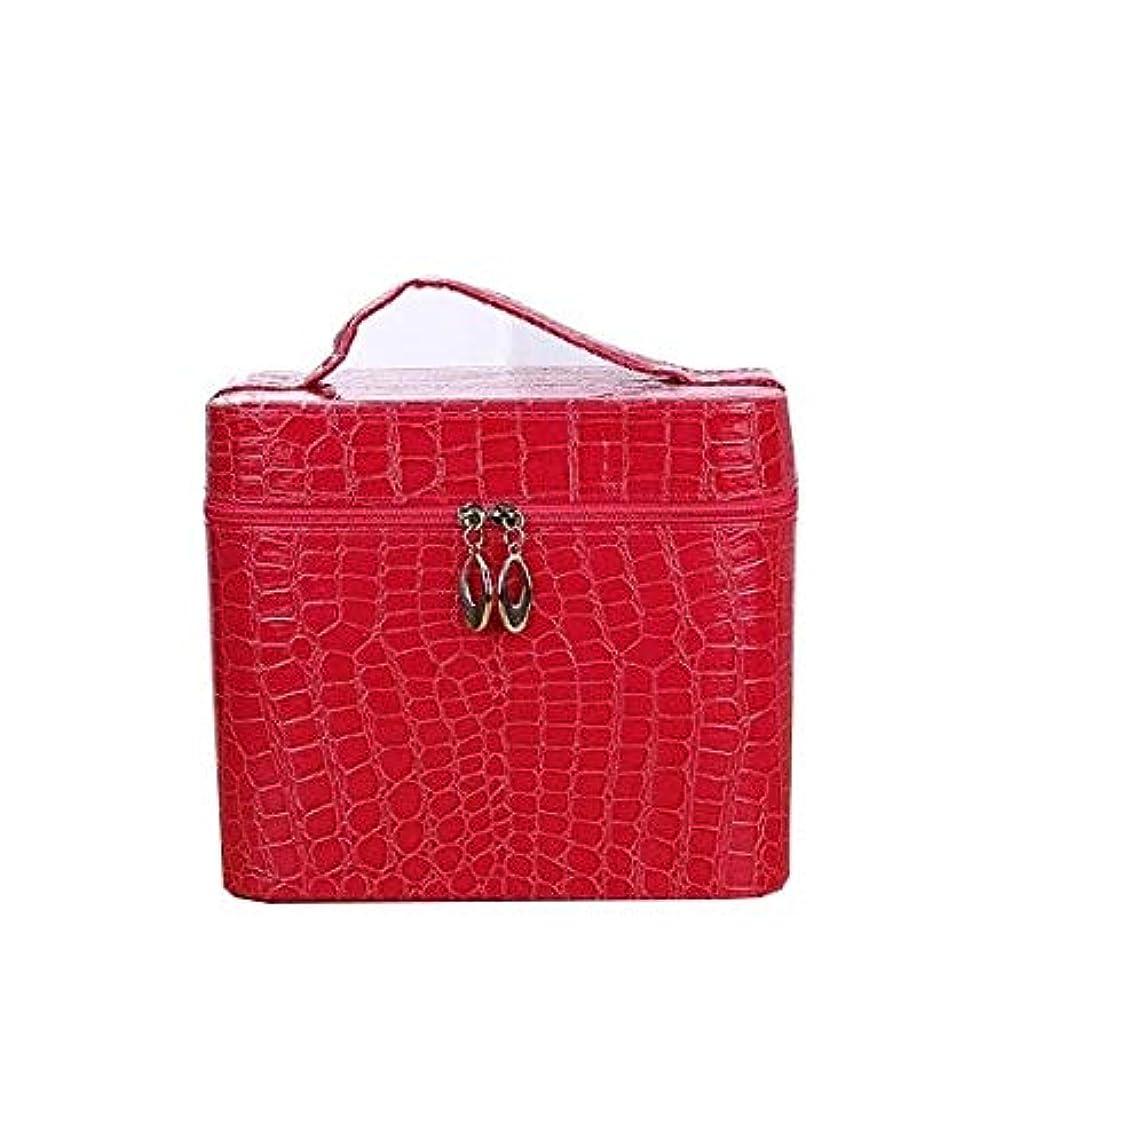 発火するそして信頼できる化粧箱、赤、黒ワニ革ポータブル化粧品バッグ、ポータブルポータブル旅行化粧品ケース、美容ネイルジュエリー収納ボックス (Color : Red)